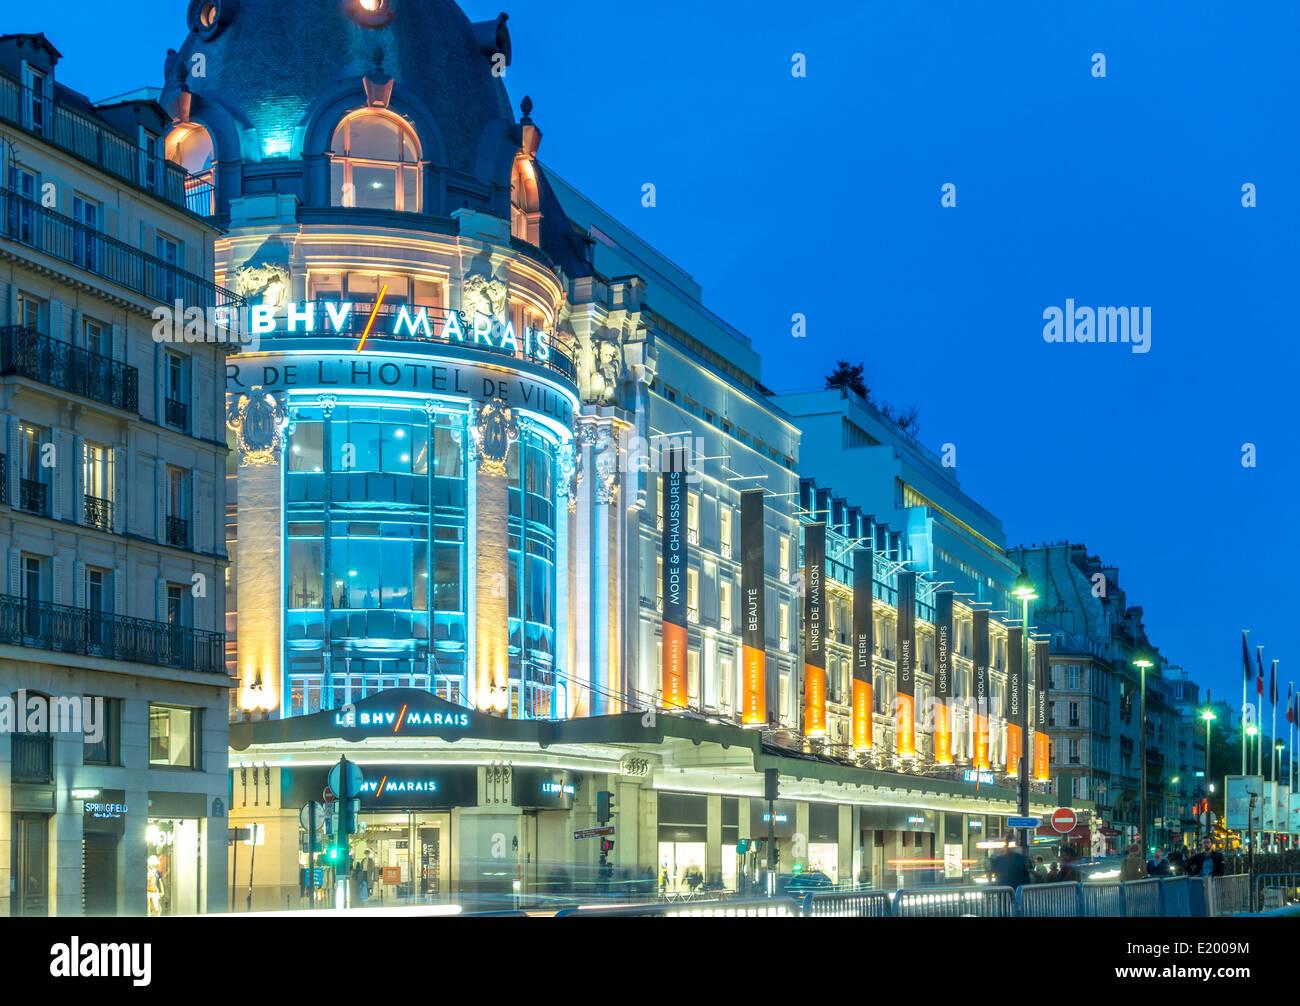 Paris bhv marais or bazar de l 39 h tel de ville department for Hotel de ville